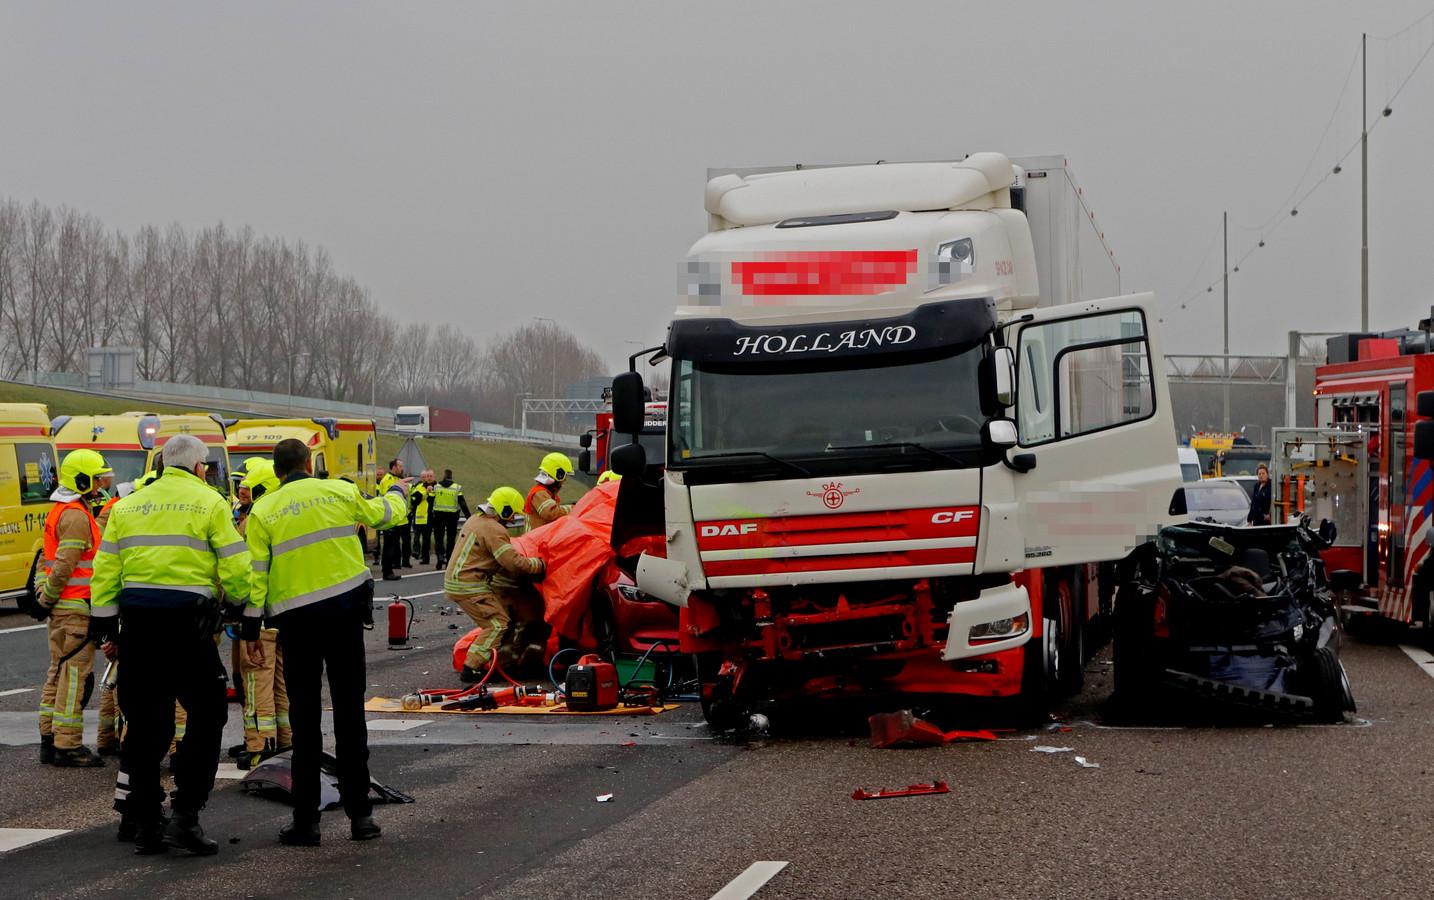 De vrachtwagenchauffeur die op 13 januari 2018 op de A16 bij het knooppunt Ridderkerk op een file inreed, was aan het whatsappen.